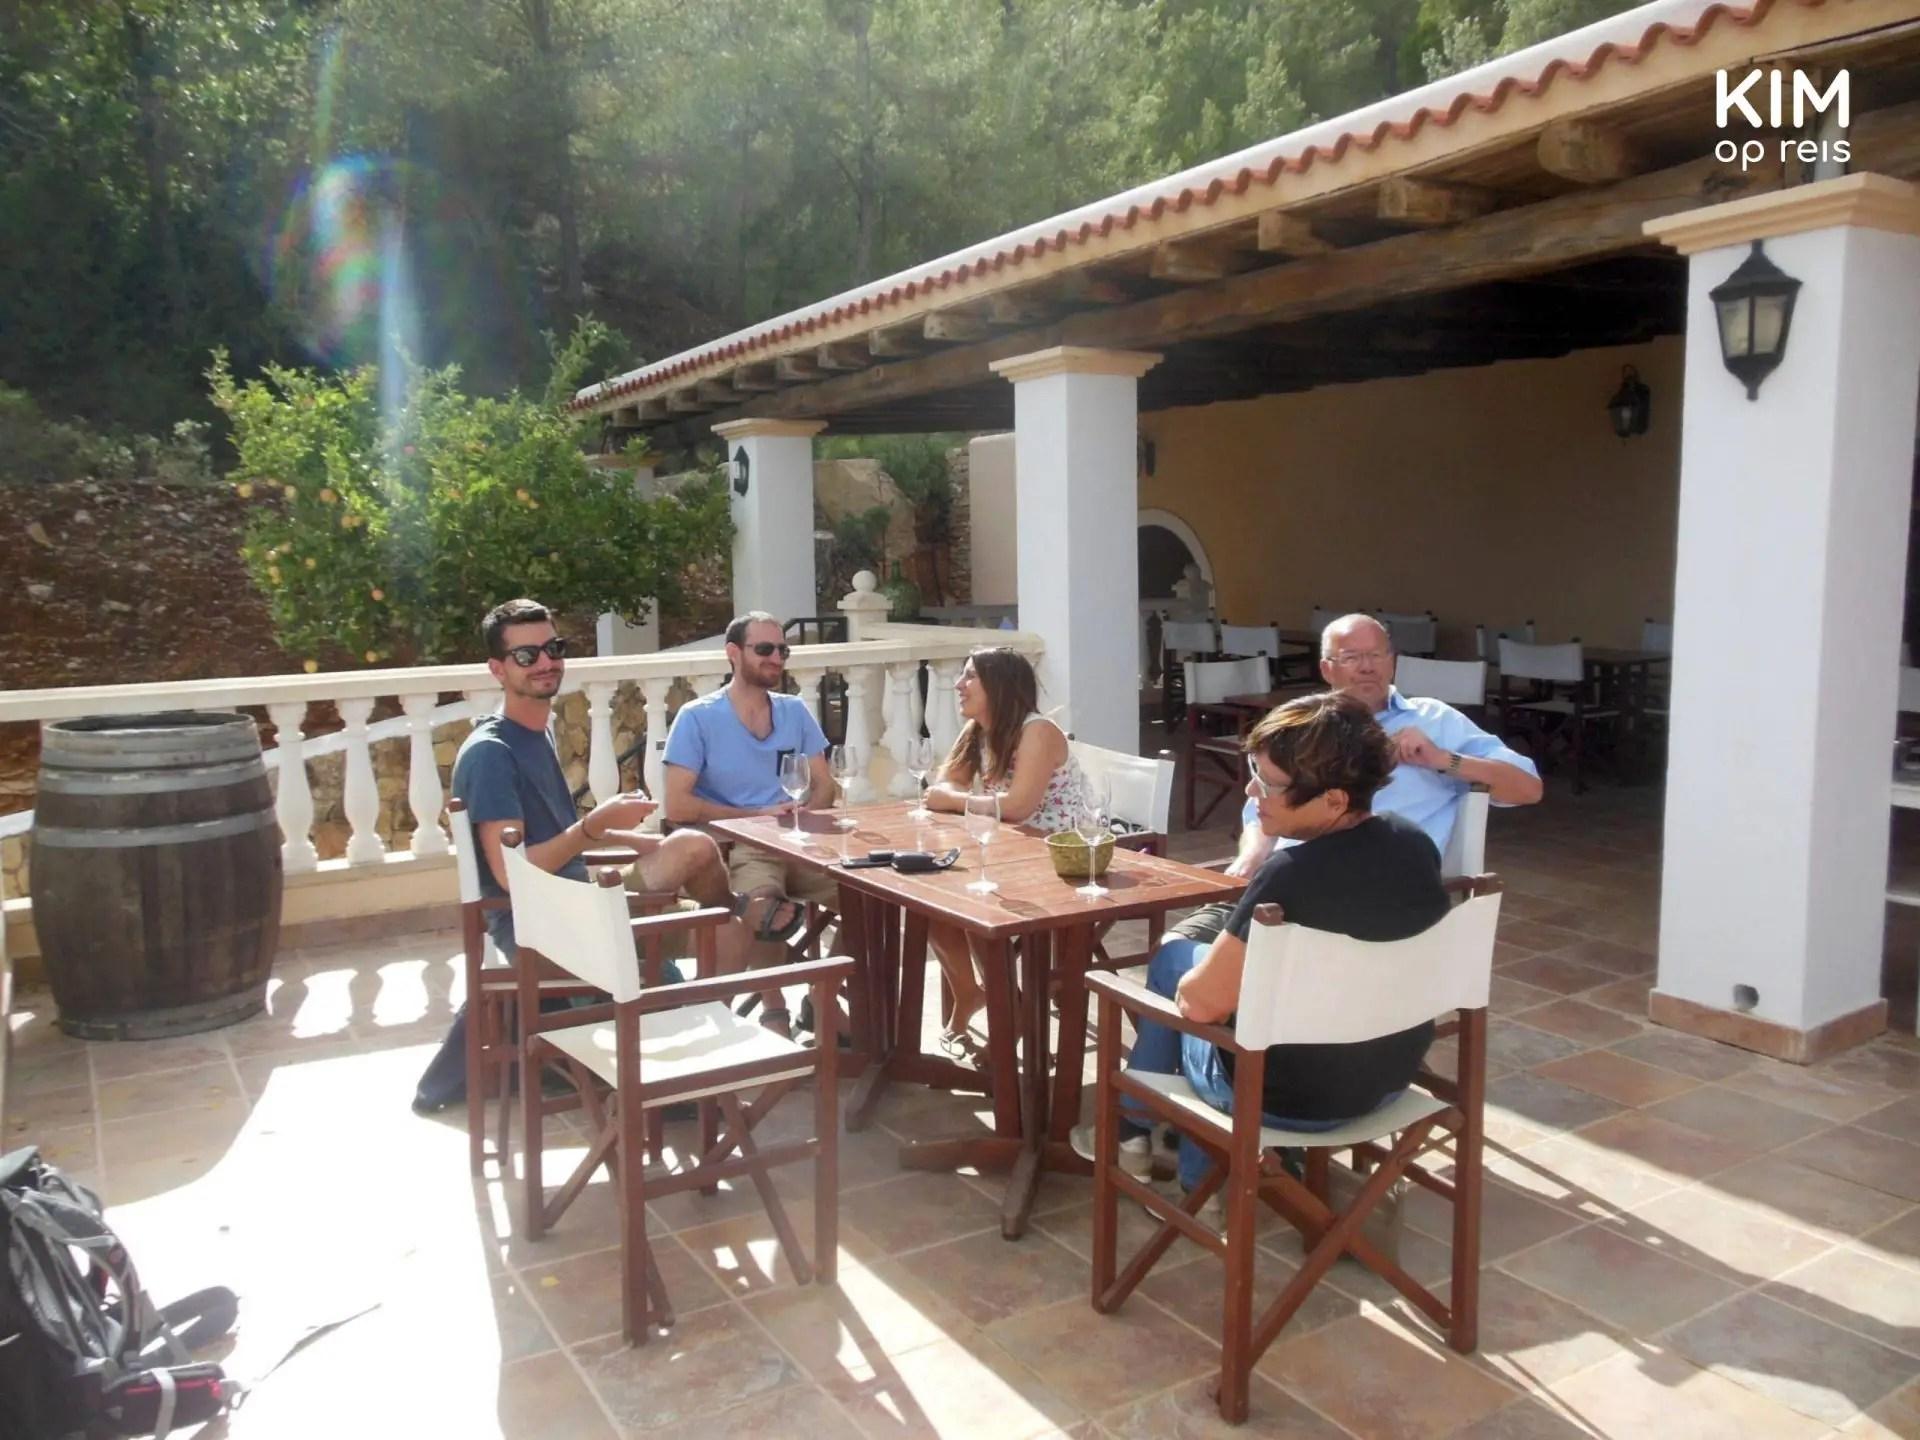 Wijnproeverij op het terras bij Sa Cova - vijftal zit aan tafel met wijnglazen